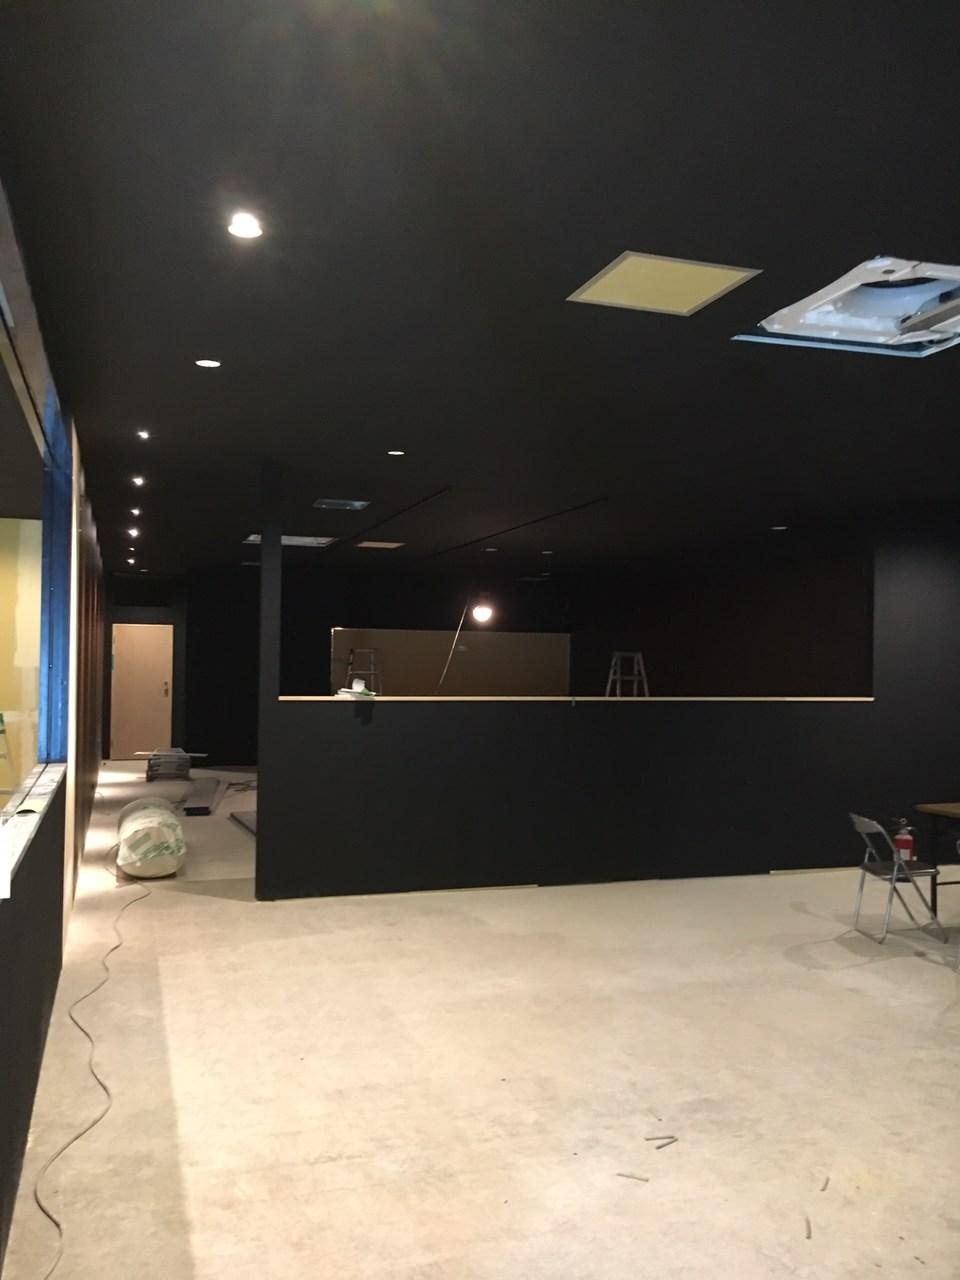 カラオケ・マンガカフェ商業施設-2 クロスボード下地処理